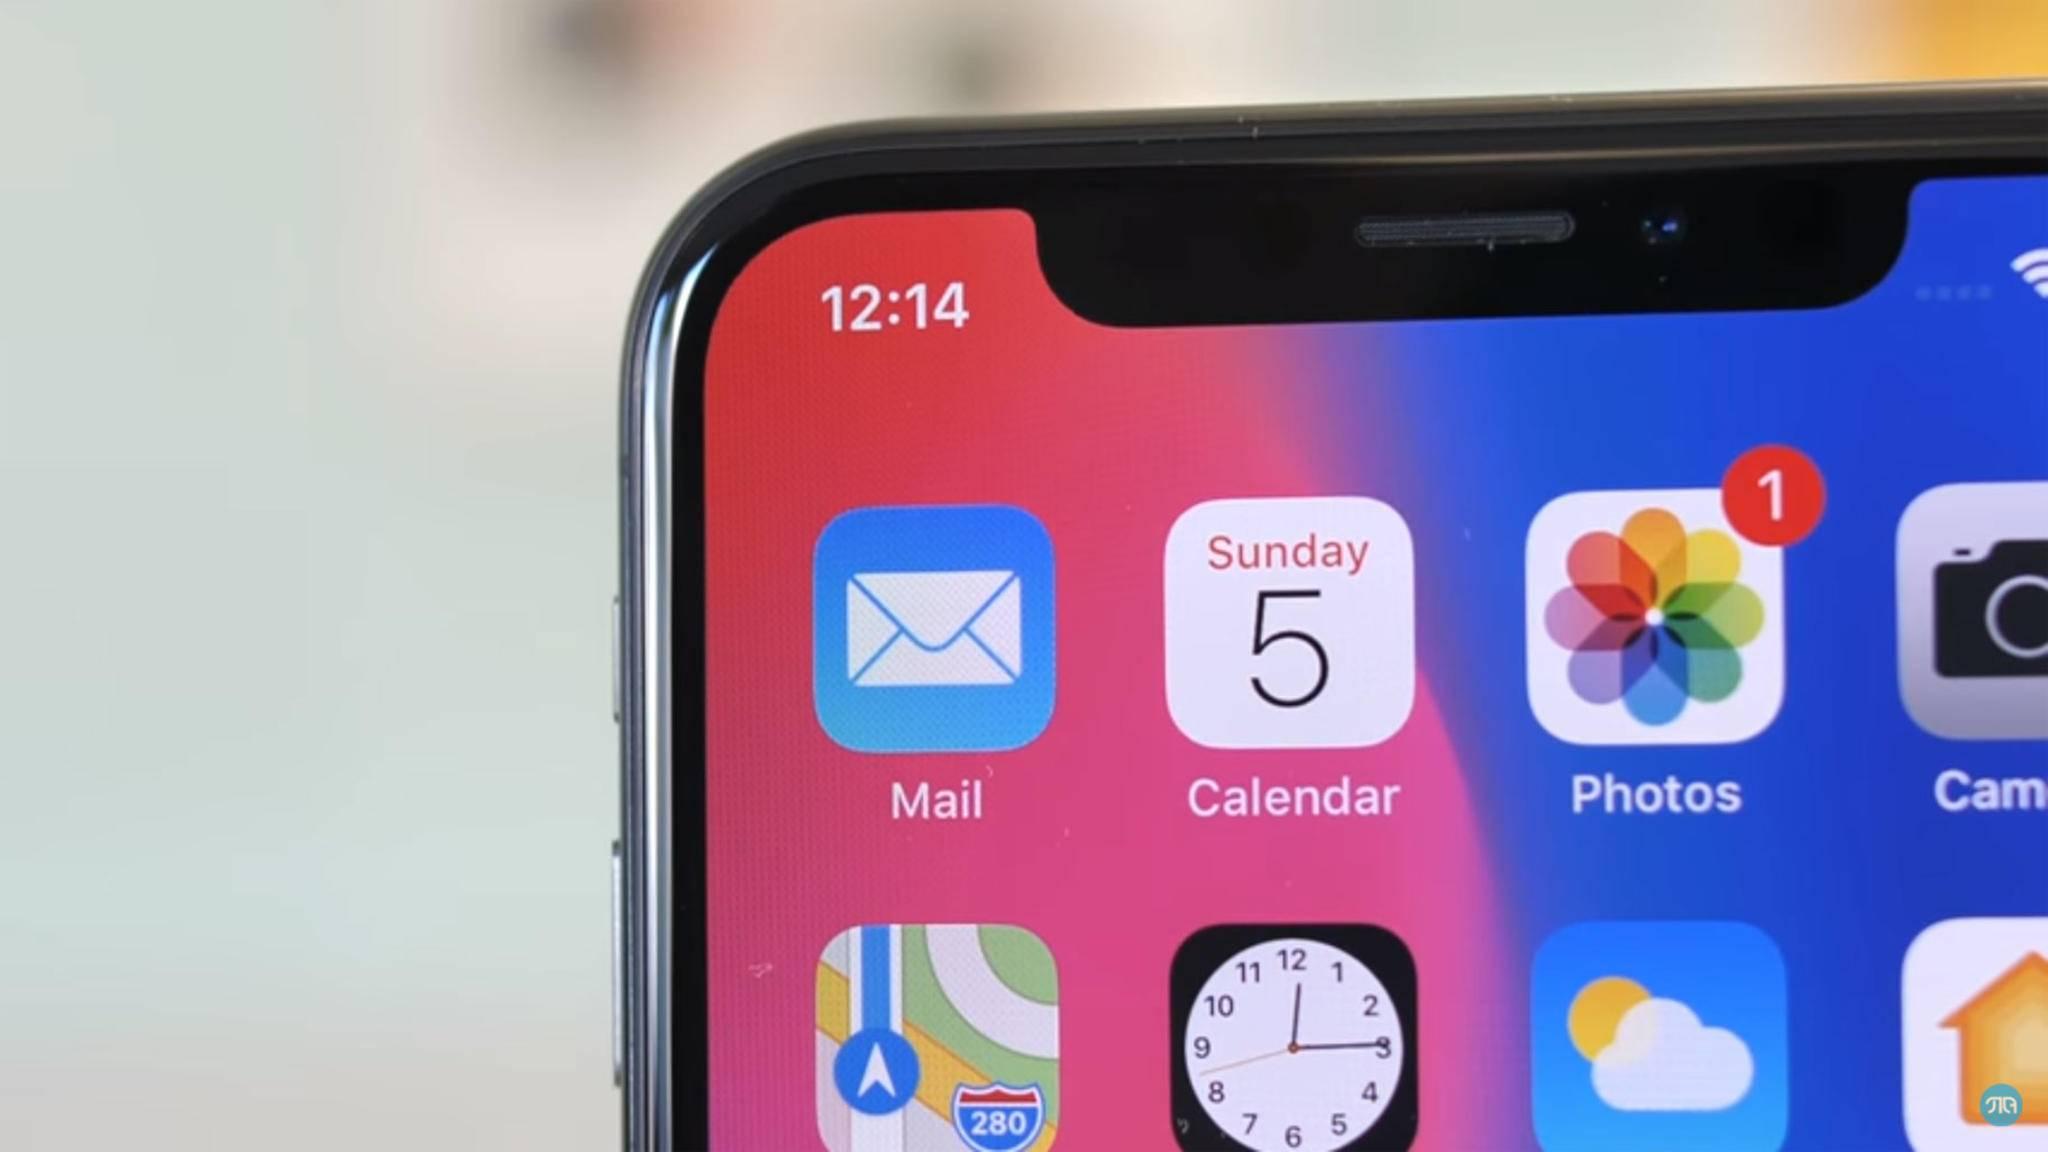 Komische Geräusche aus der Hörmuschel? Genau darüber beschweren sich betroffene Käufer eines iPhone X derzeit.